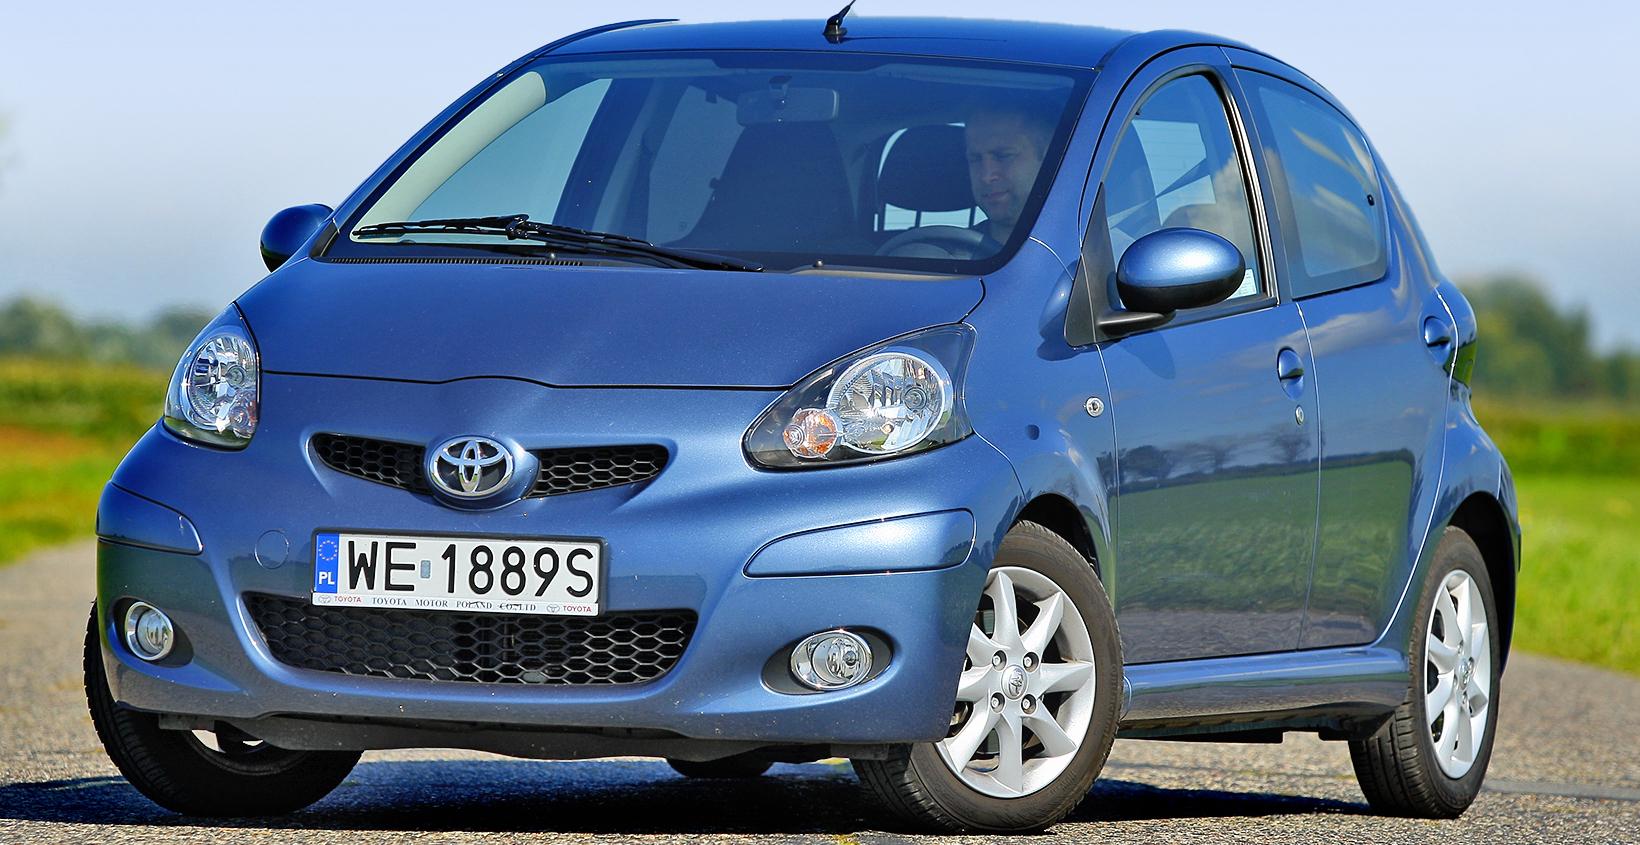 Toyota Aygo I(2005-2014)